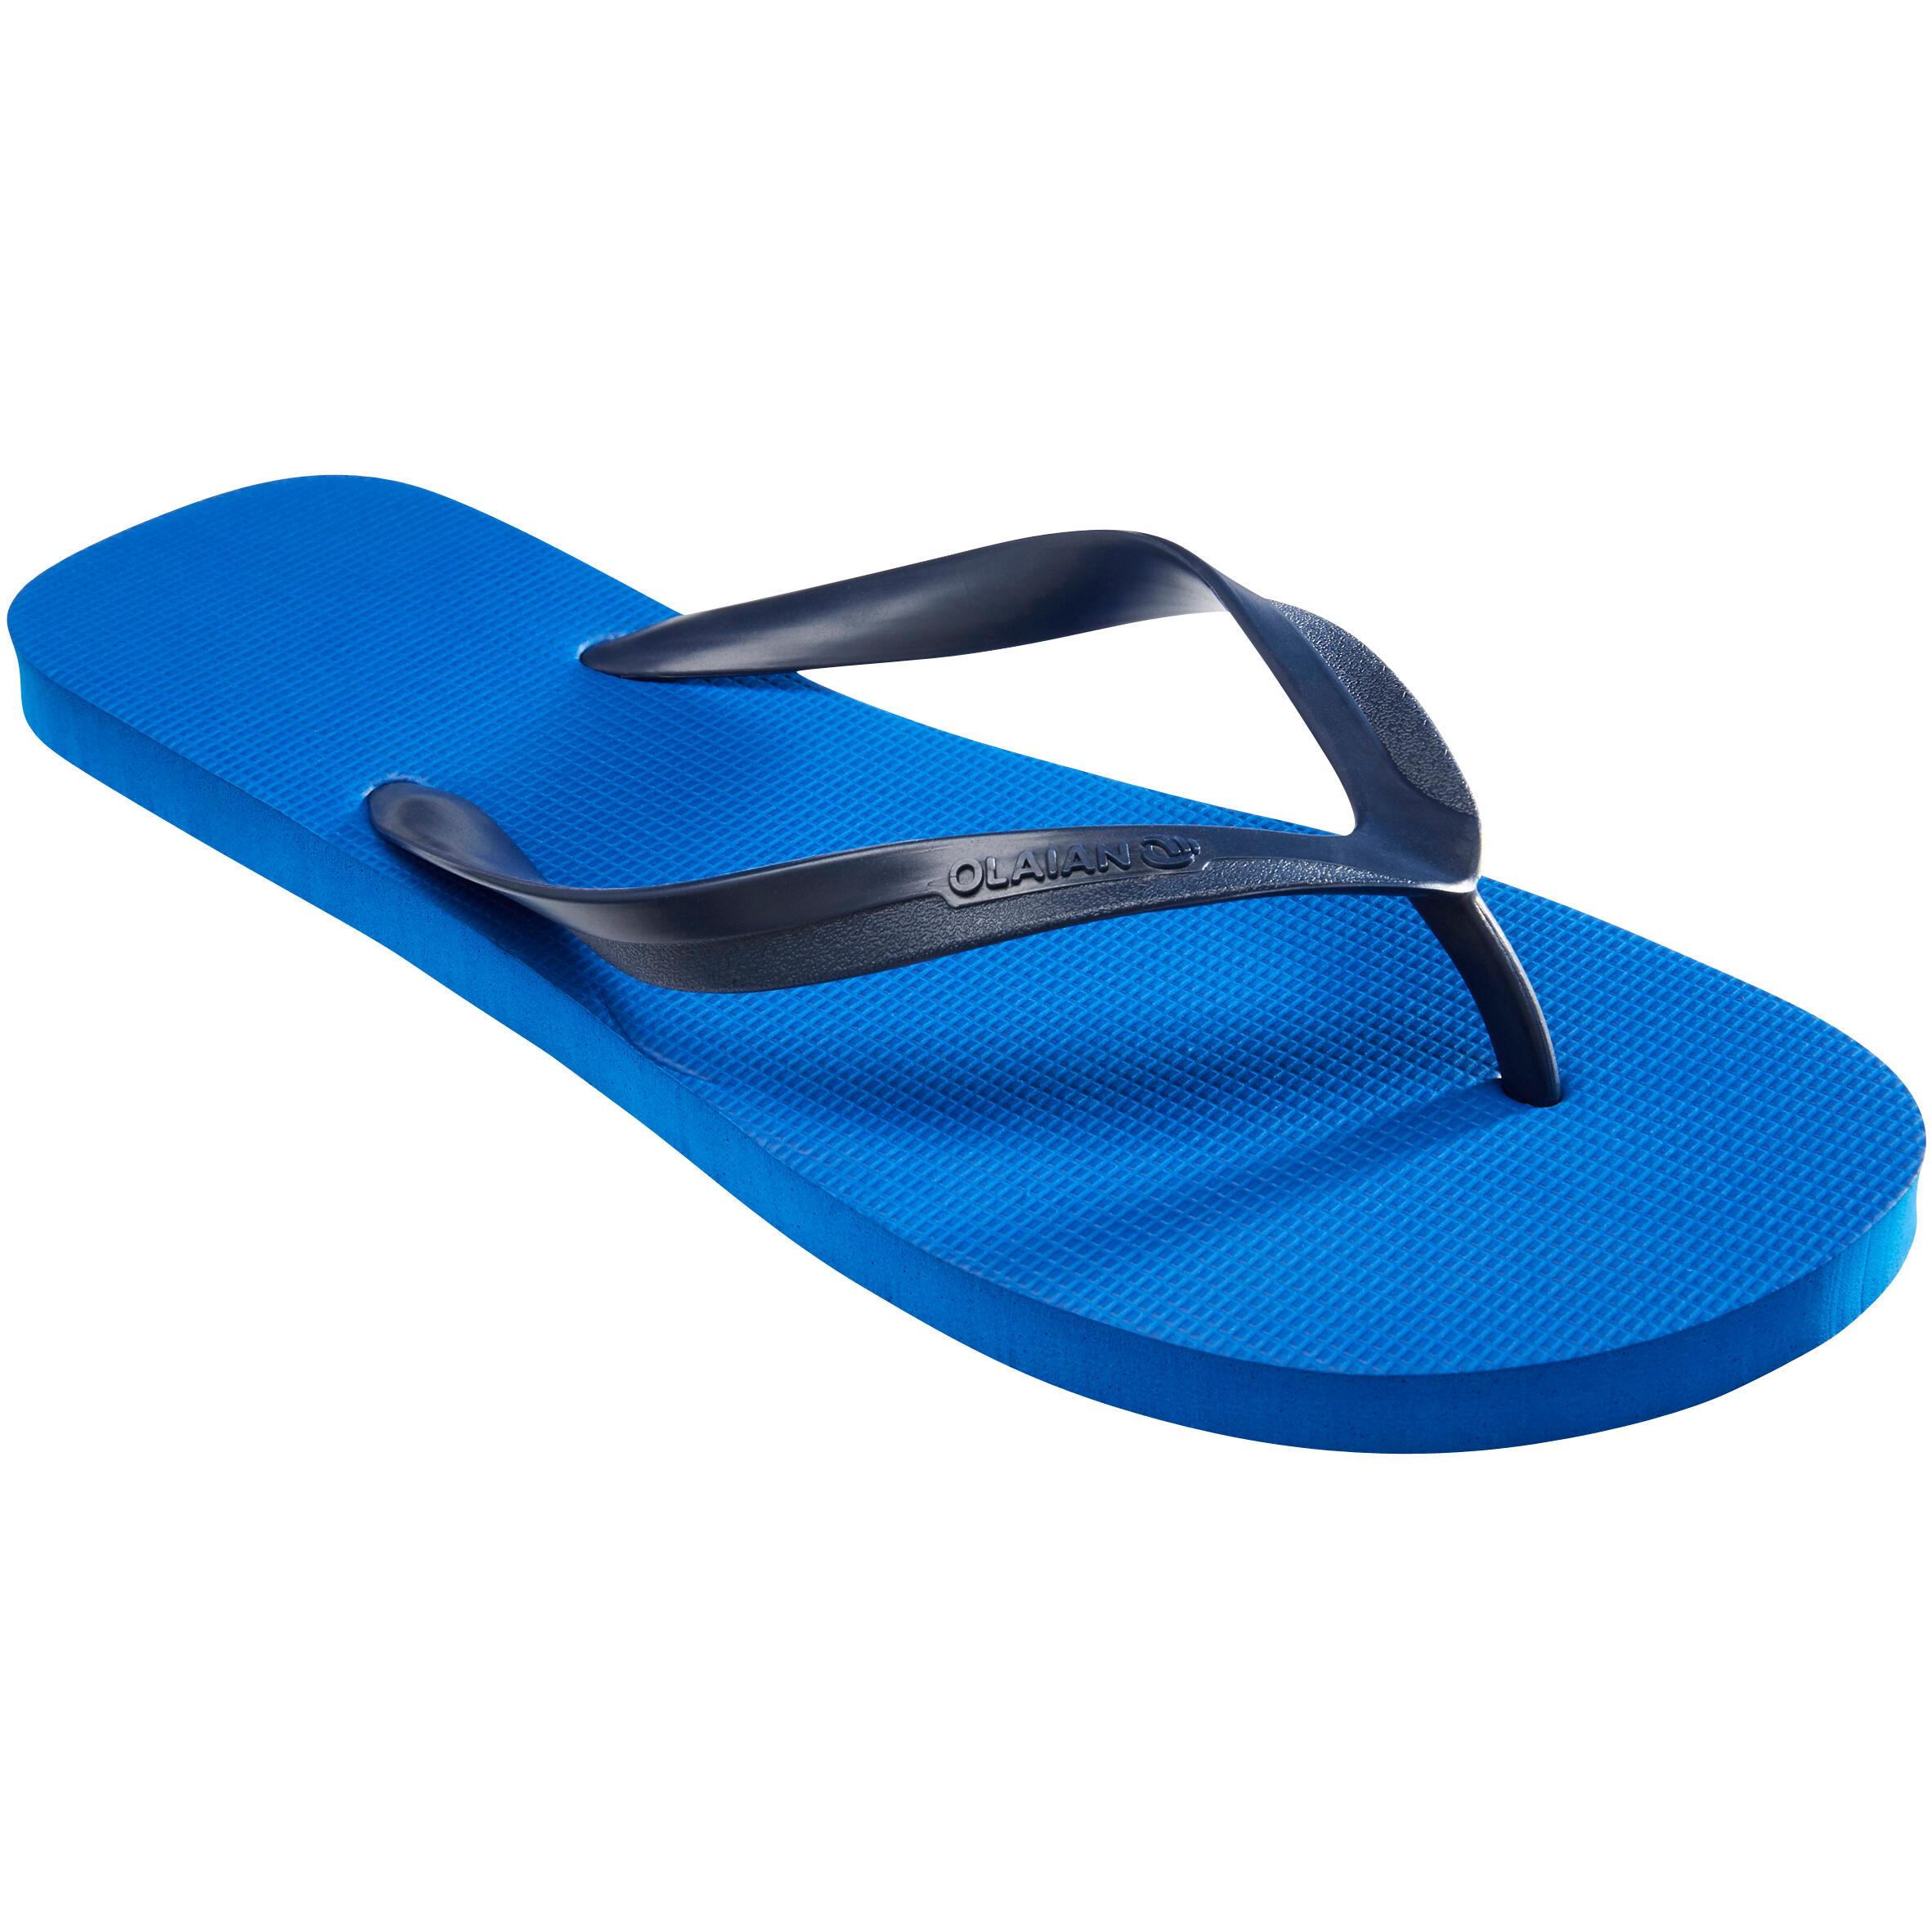 la réputation d'abord en arrivant nouveau design Sandales, Tongs et Claquettes Homme | Decathlon